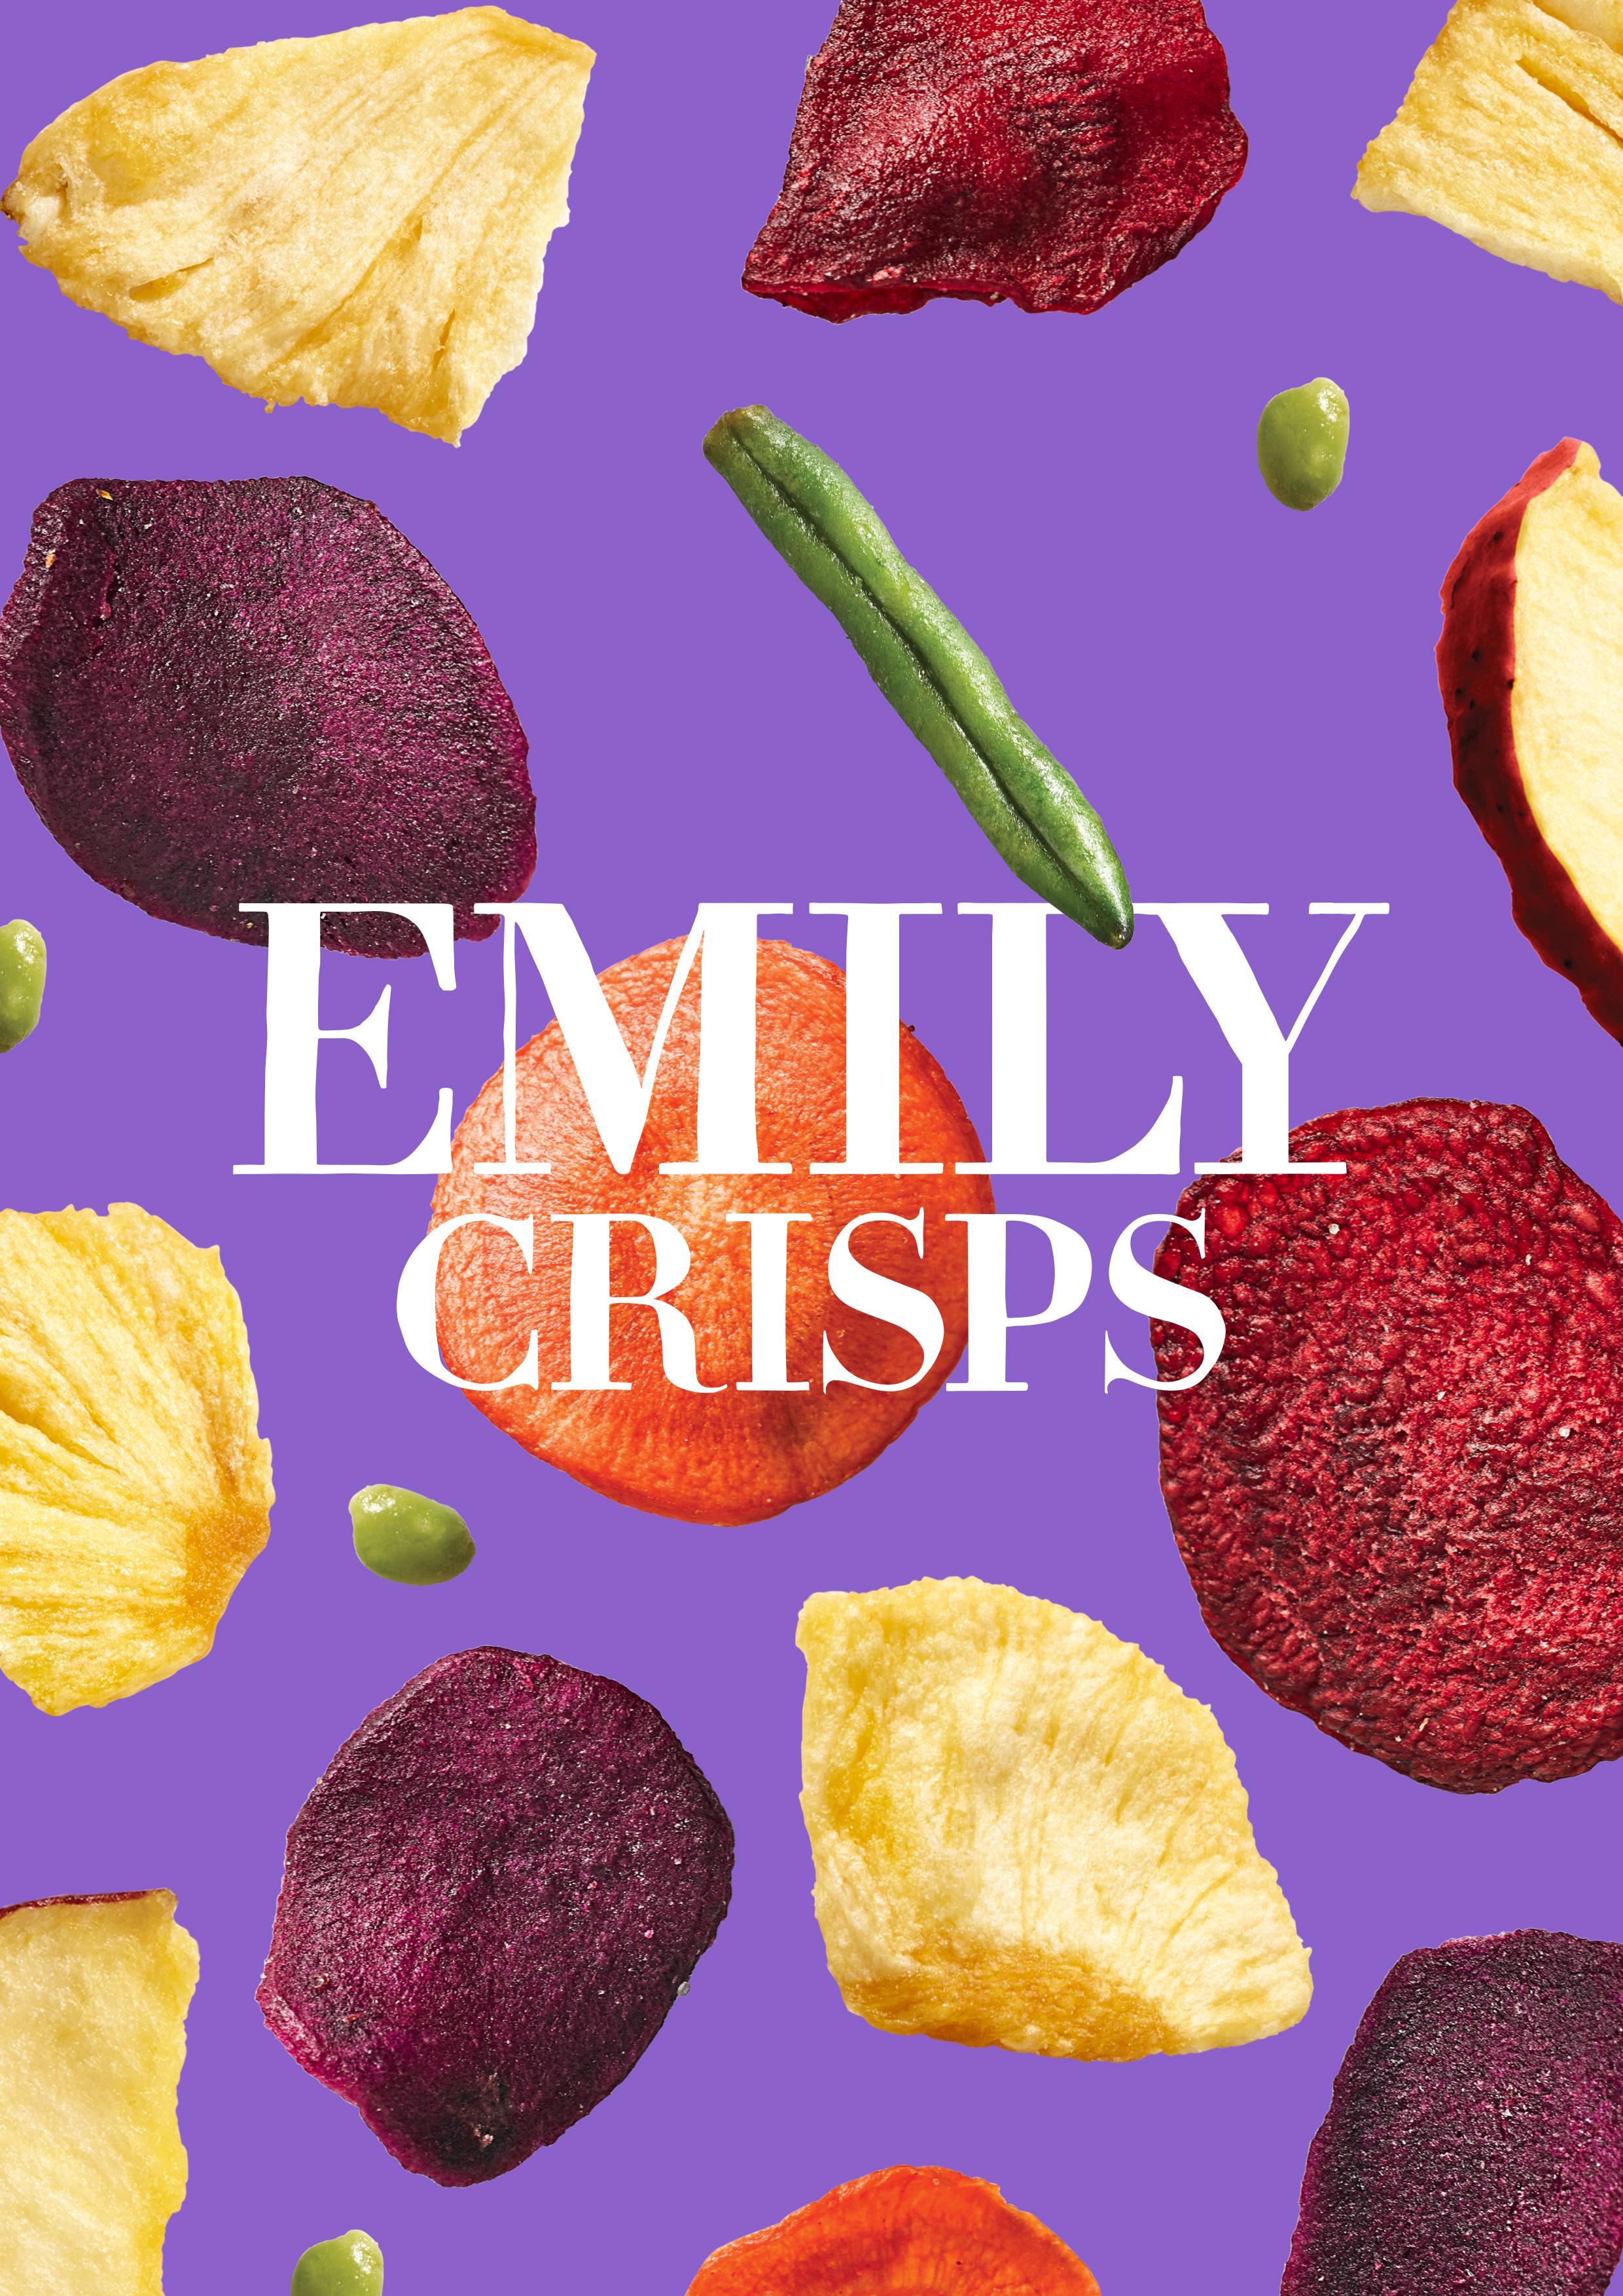 EMILY CRISPS A4 purple.jpg